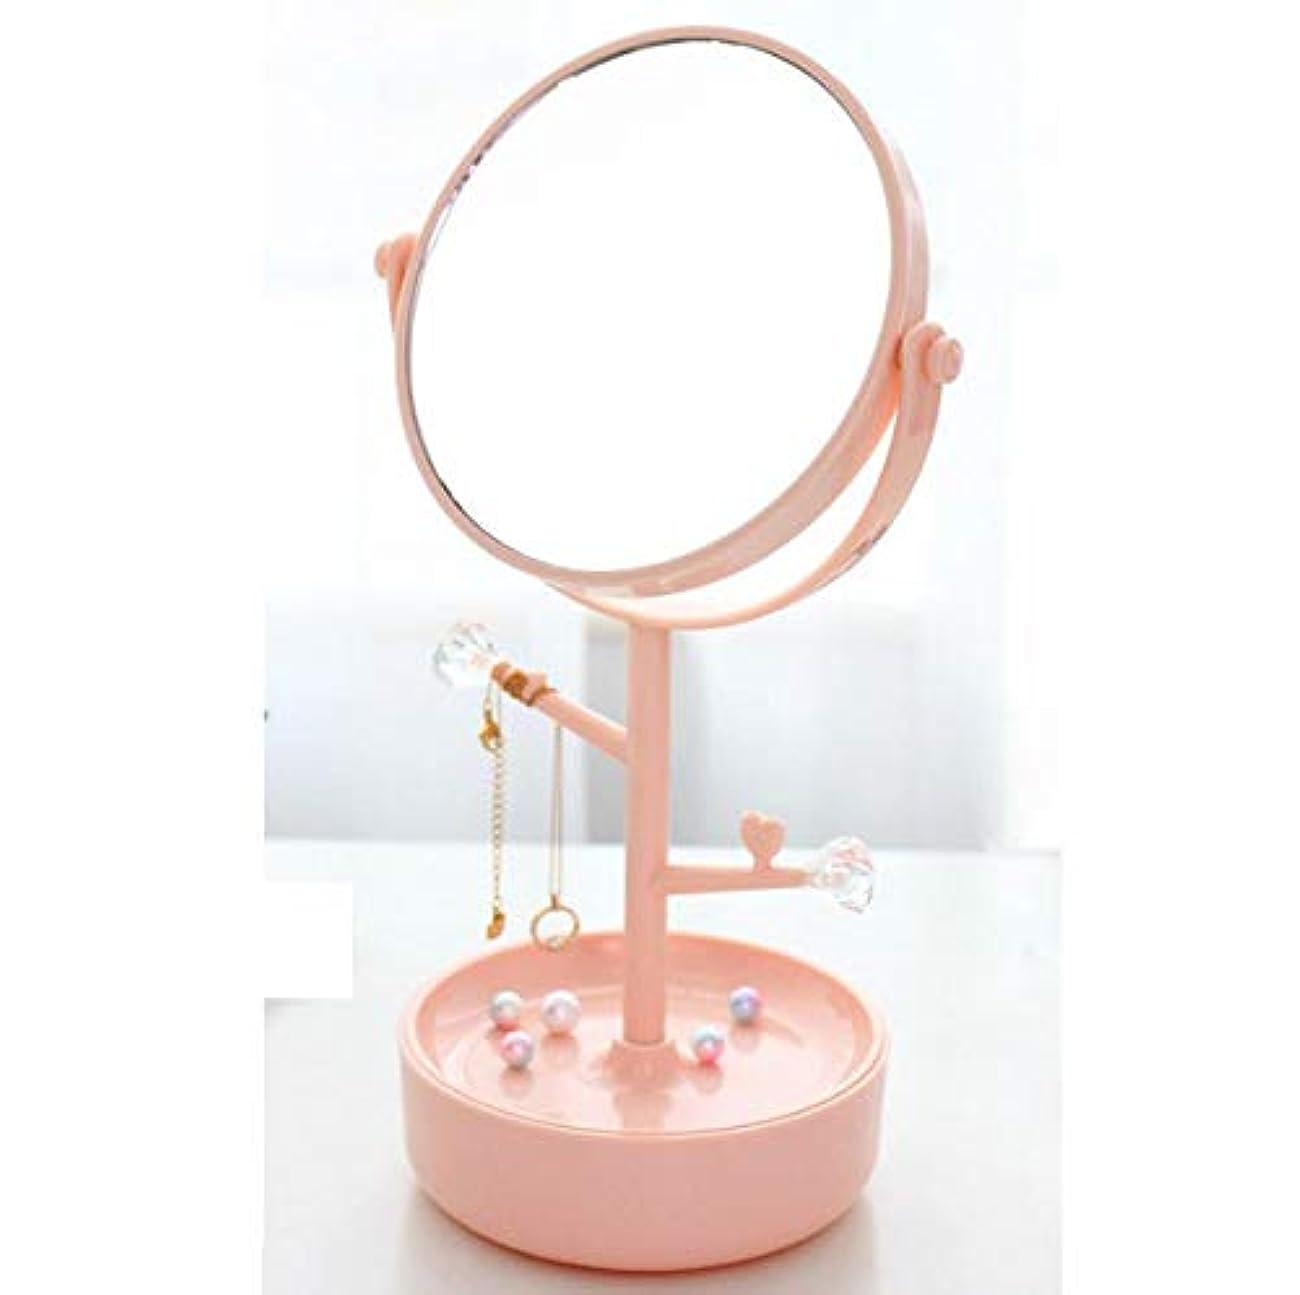 抽出緩やかな前部化粧鏡、ピンク多機能収納両面化粧鏡化粧ギフト